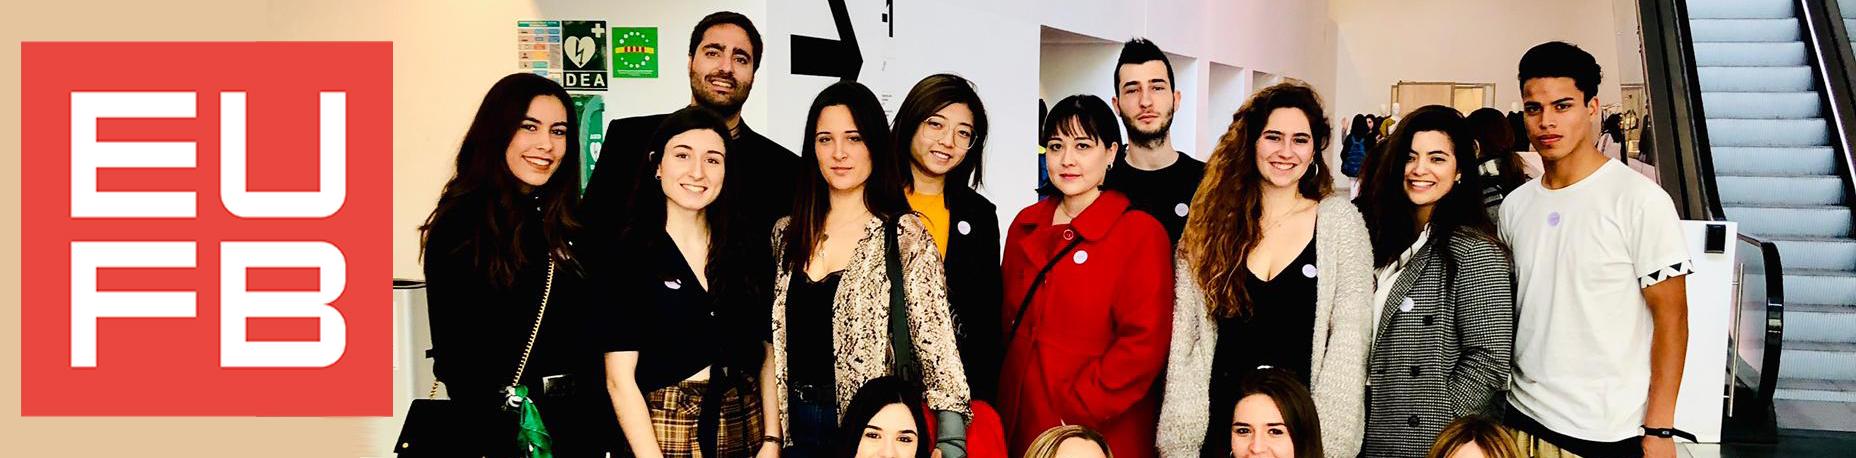 Sortida al Museu del Disseny de Barcelona | Escola Universitària Formatic Barcelona